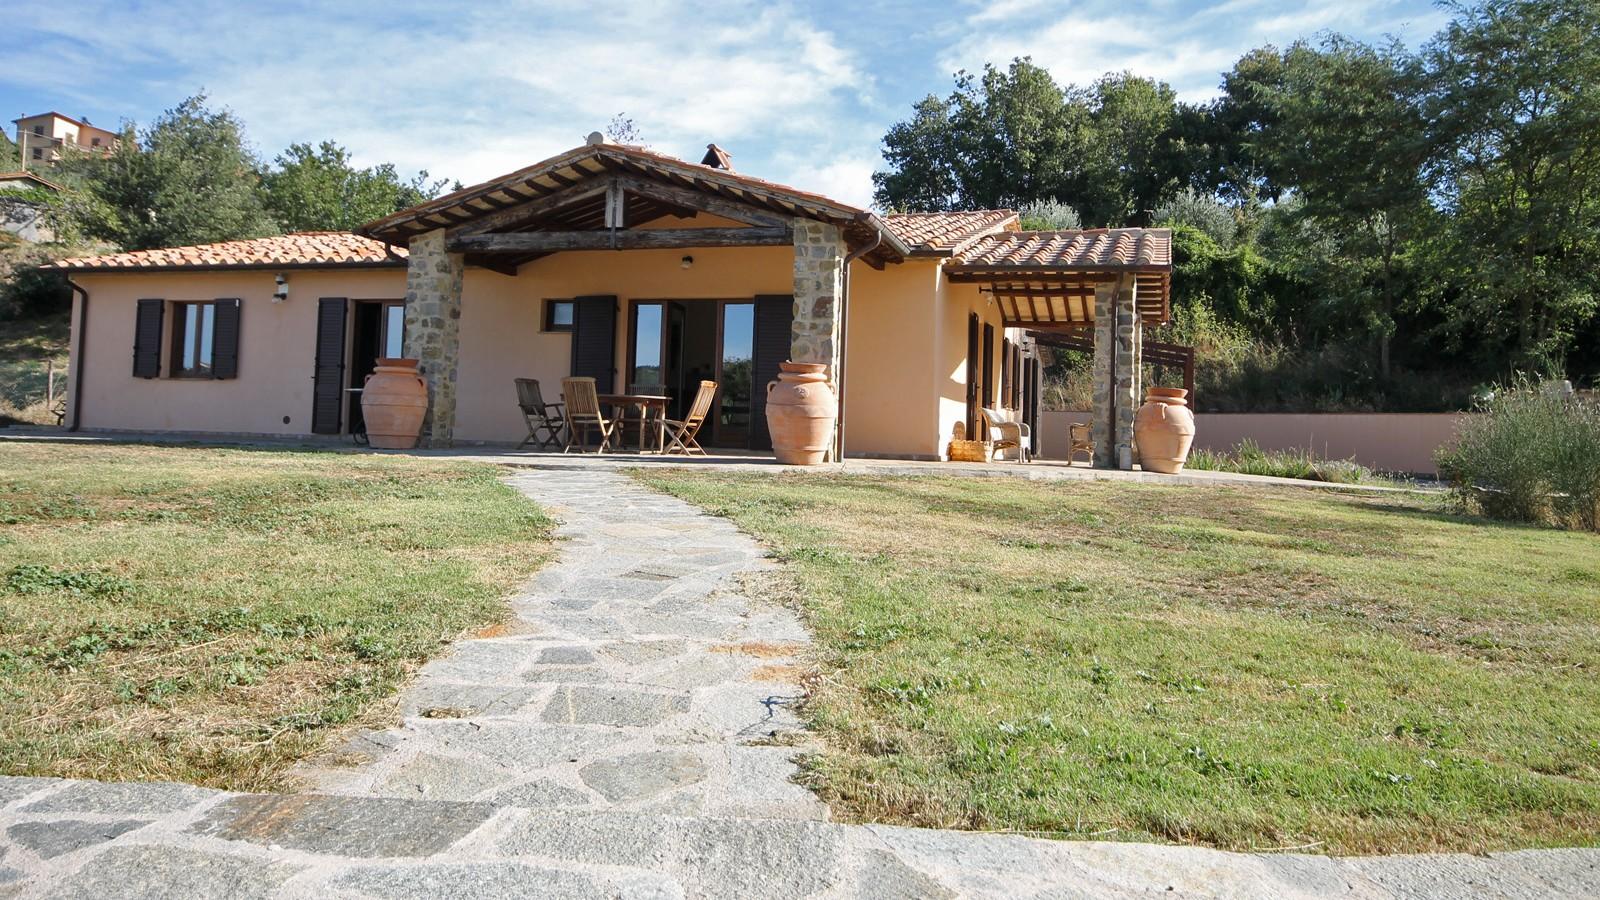 Toscana grosseto arcidosso villa con piscina in vendita house and houses italia - Vendita villa con piscina genova ...